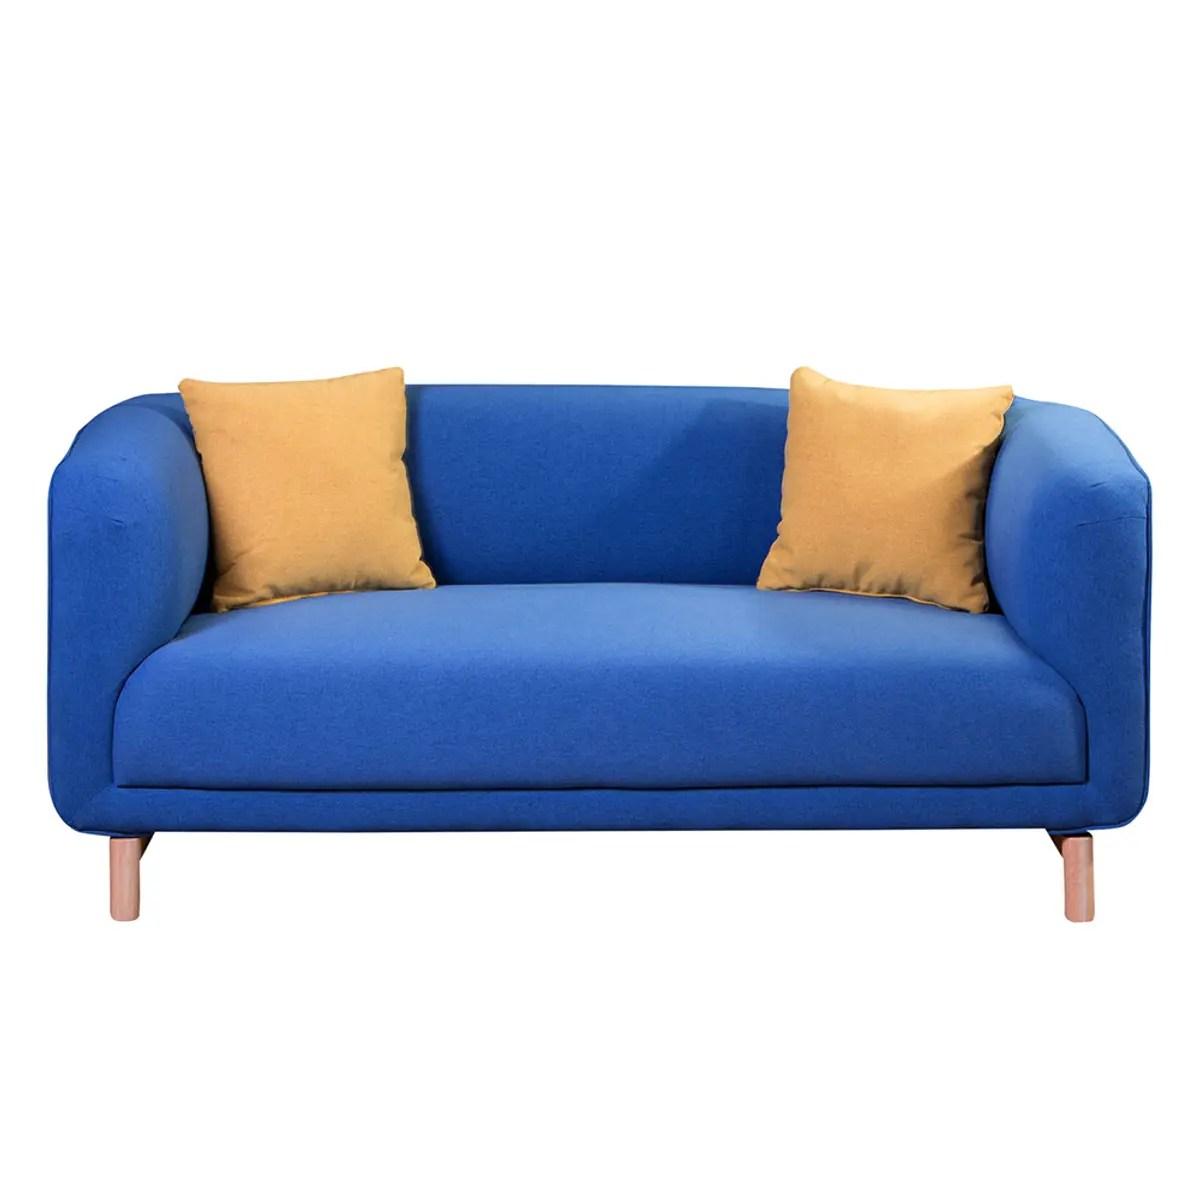 y sofa catnapper reclining reviews sofás sillones